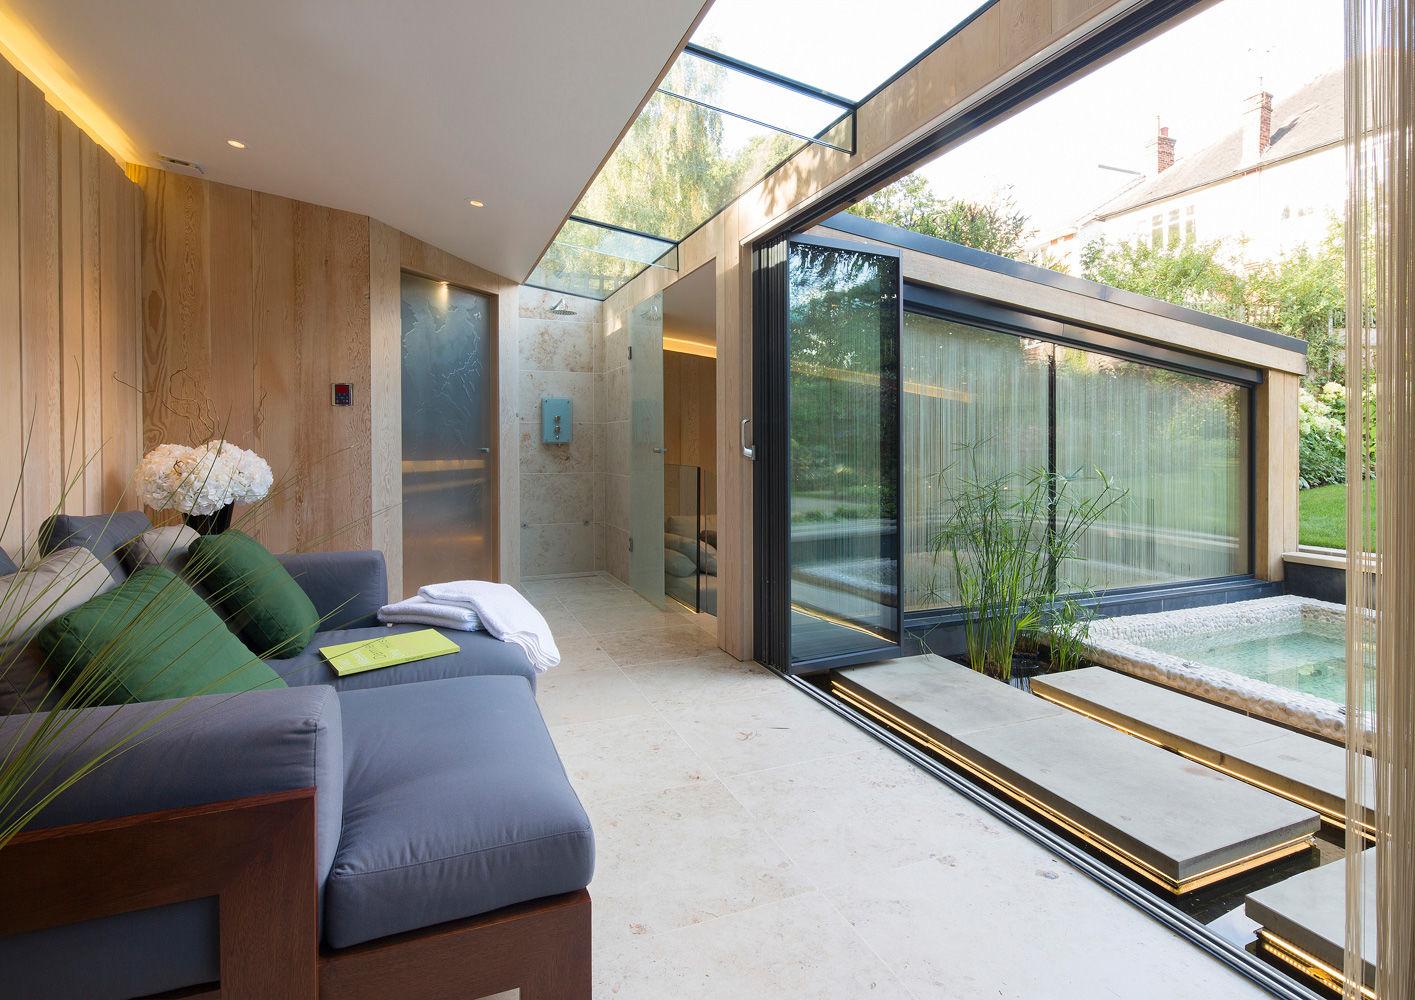 London the garden room interiors contract en for Rooms interior design hamilton